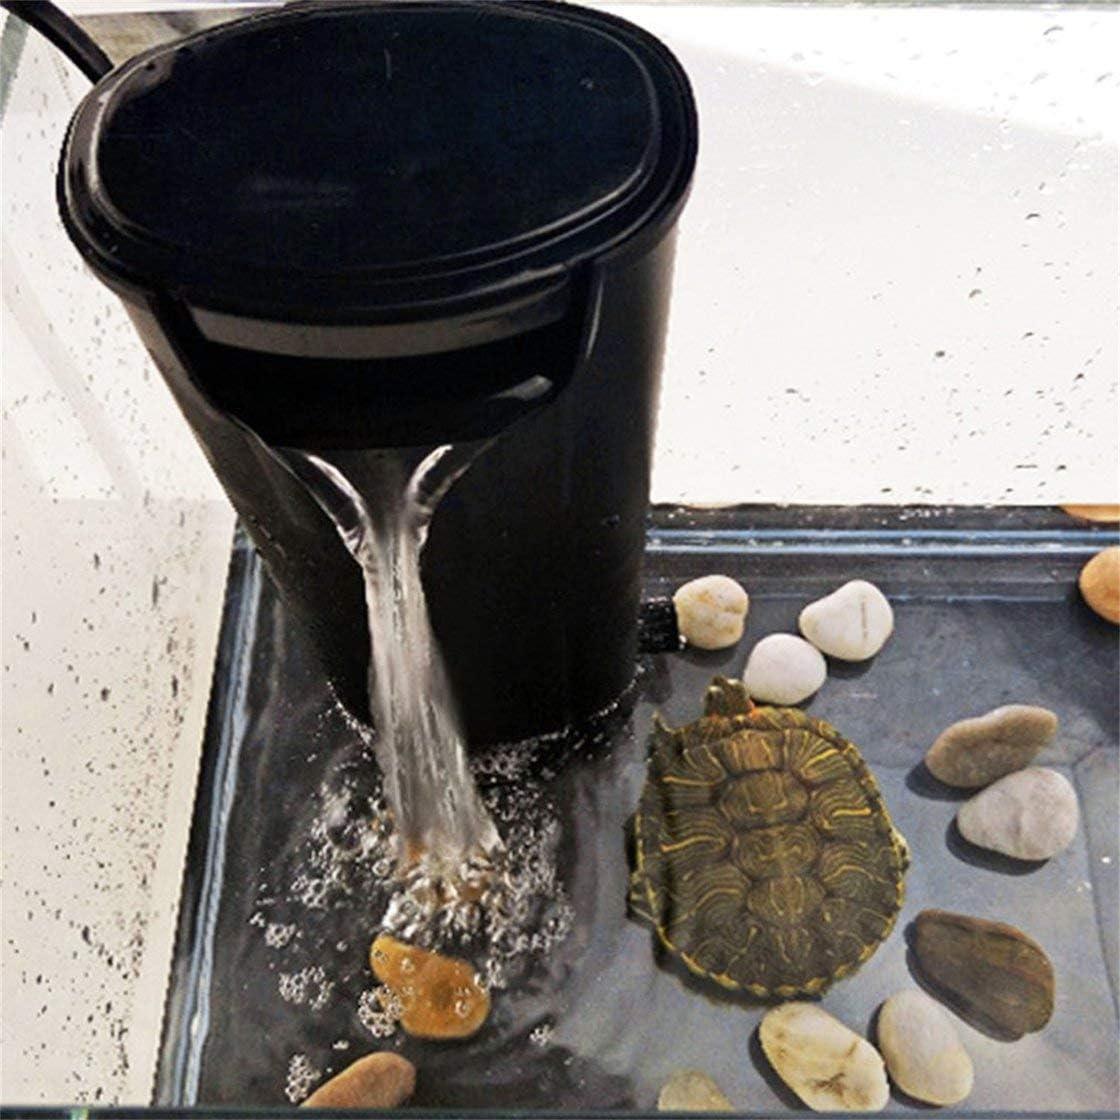 Jessicadaphne Piccola Cascata silenziosa Tartaruga Serbatoio di Pesce Pompa di Ossigeno Filtro a Basso Livello dAcqua Depuratore dAcqua Pompa di Tartaruga 5 W Zy-T10